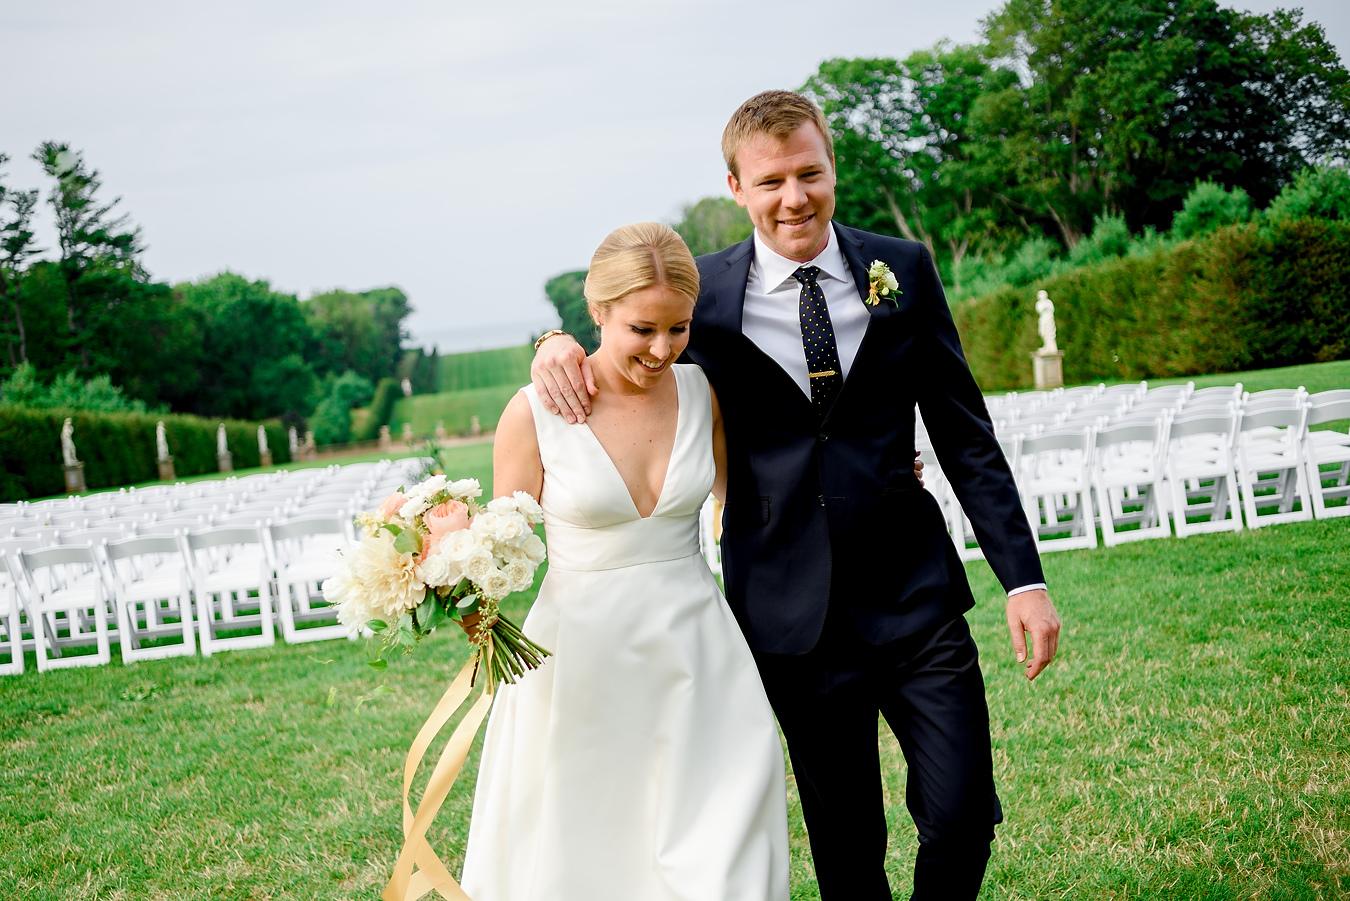 crane-estate-wedding-photos_27.JPG